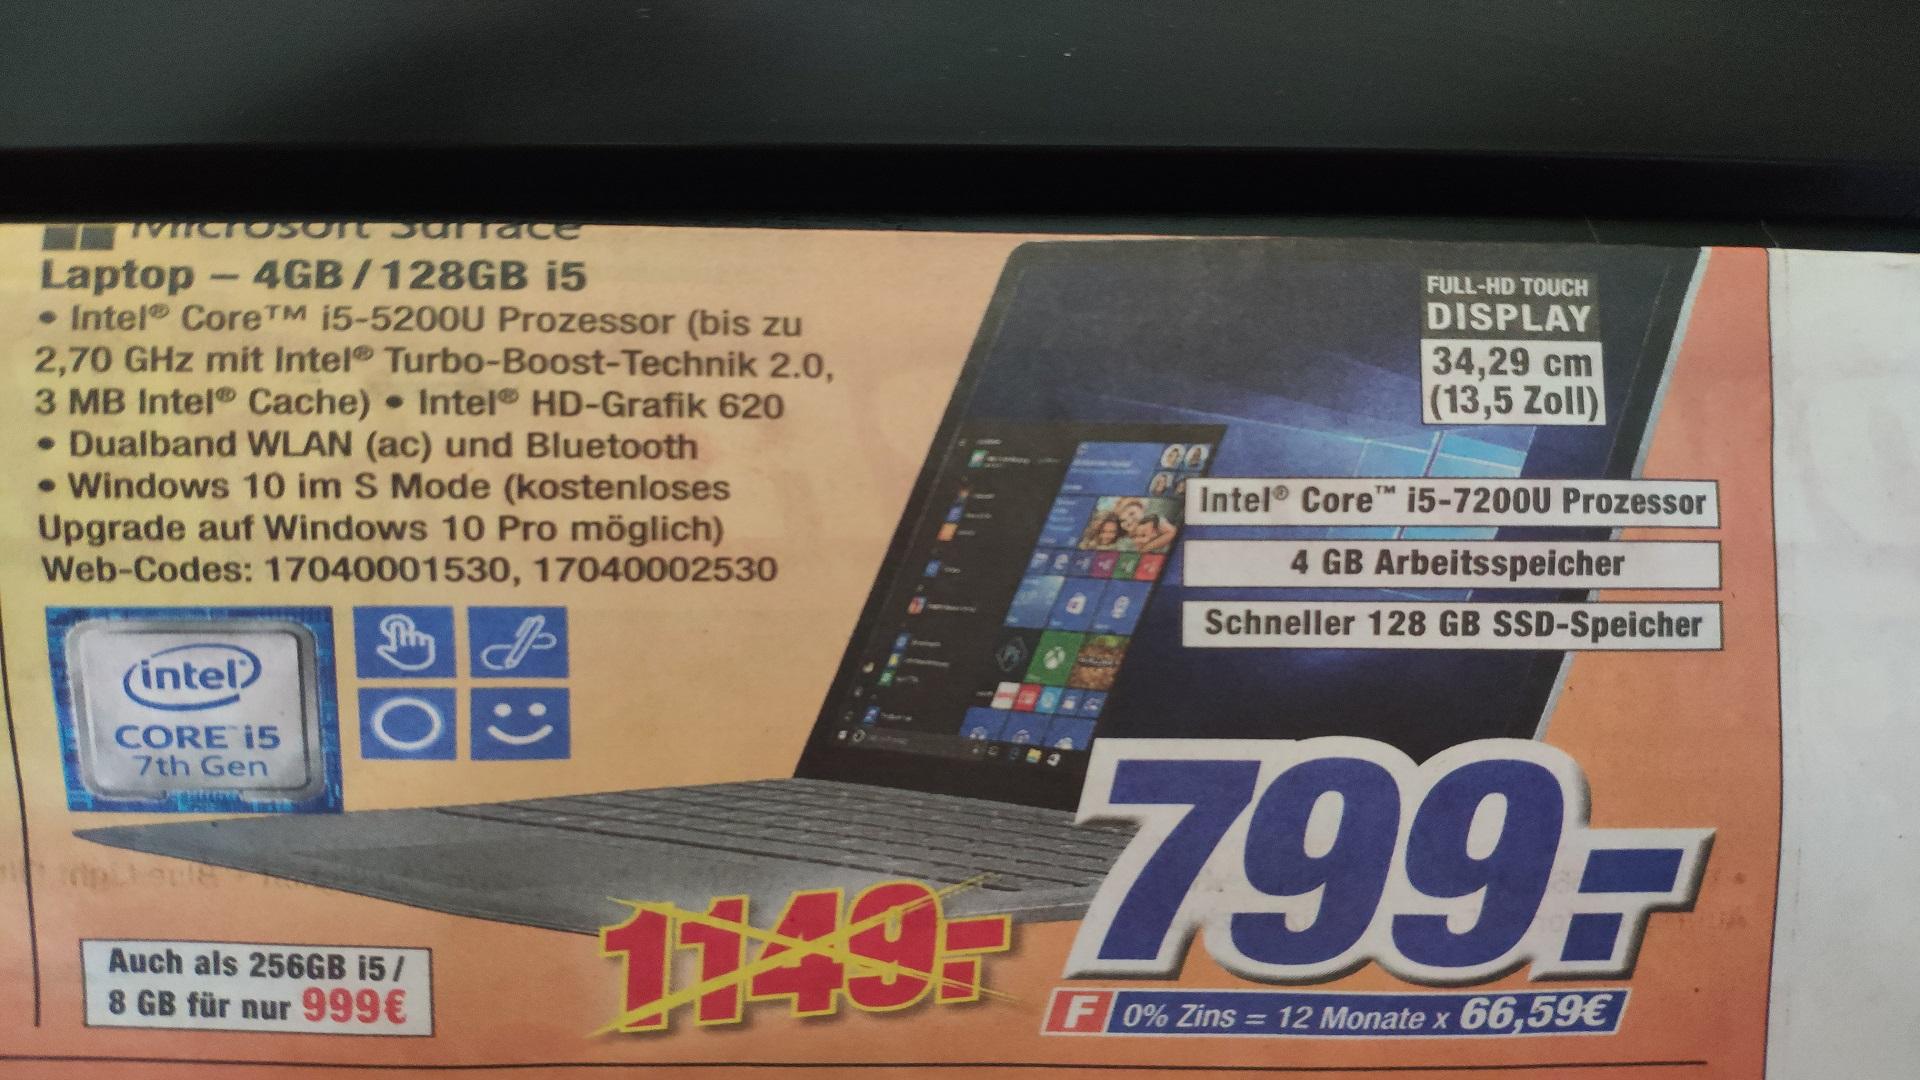 Microsoft Surface Laptop (13,5 Touch/i5-7200U/4GB RAM/128GB SSD) bei Expert Klein für 799€ !